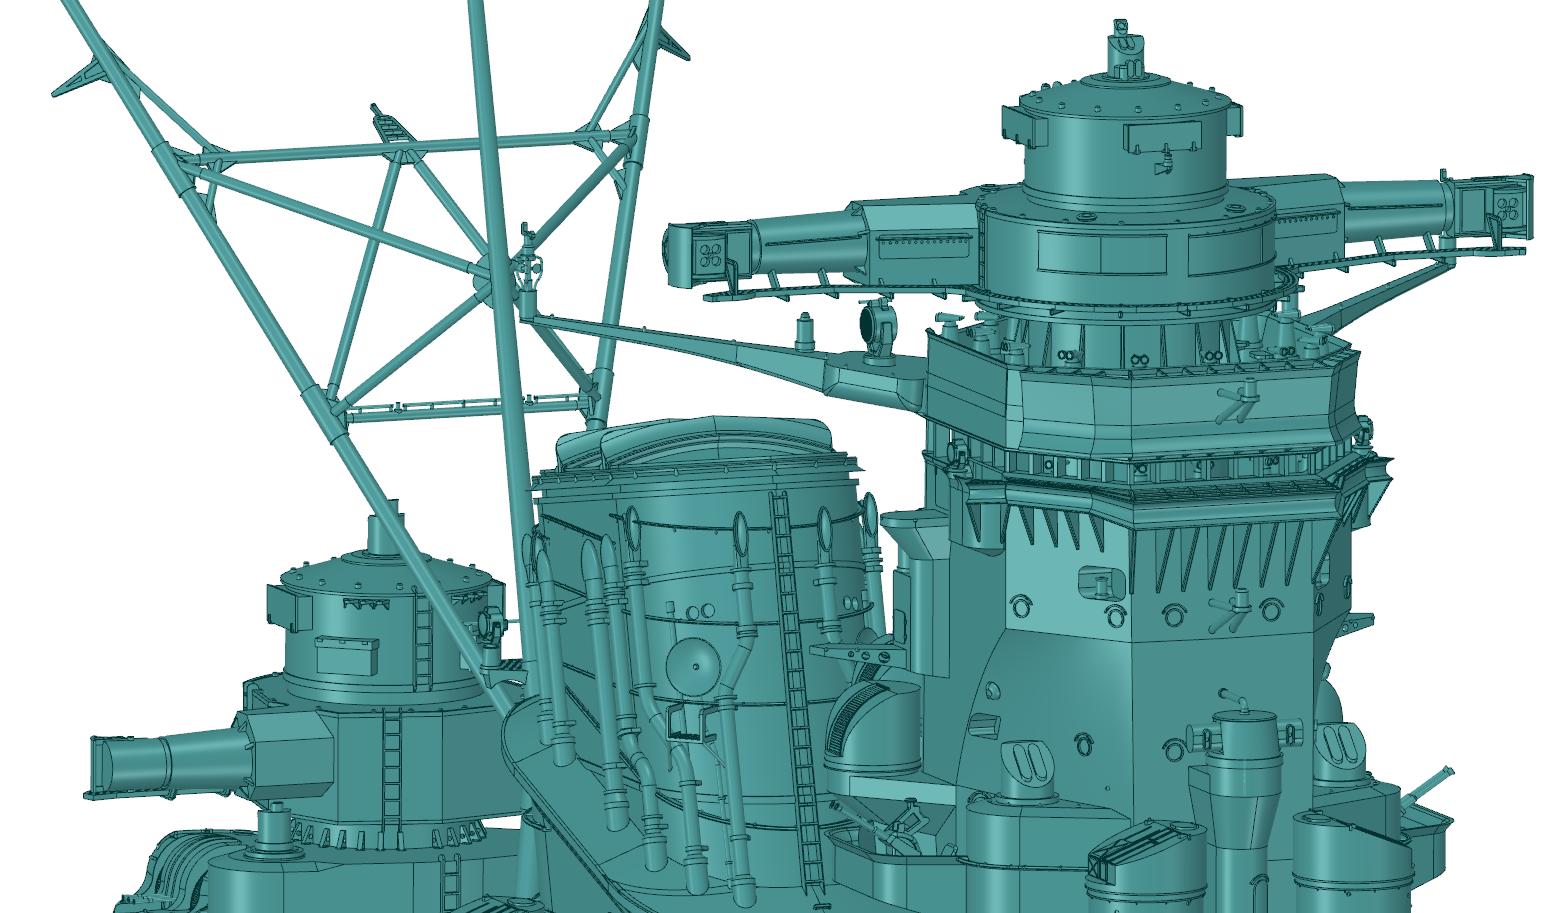 CAD Image of Yamato Battleship Bridge Detail